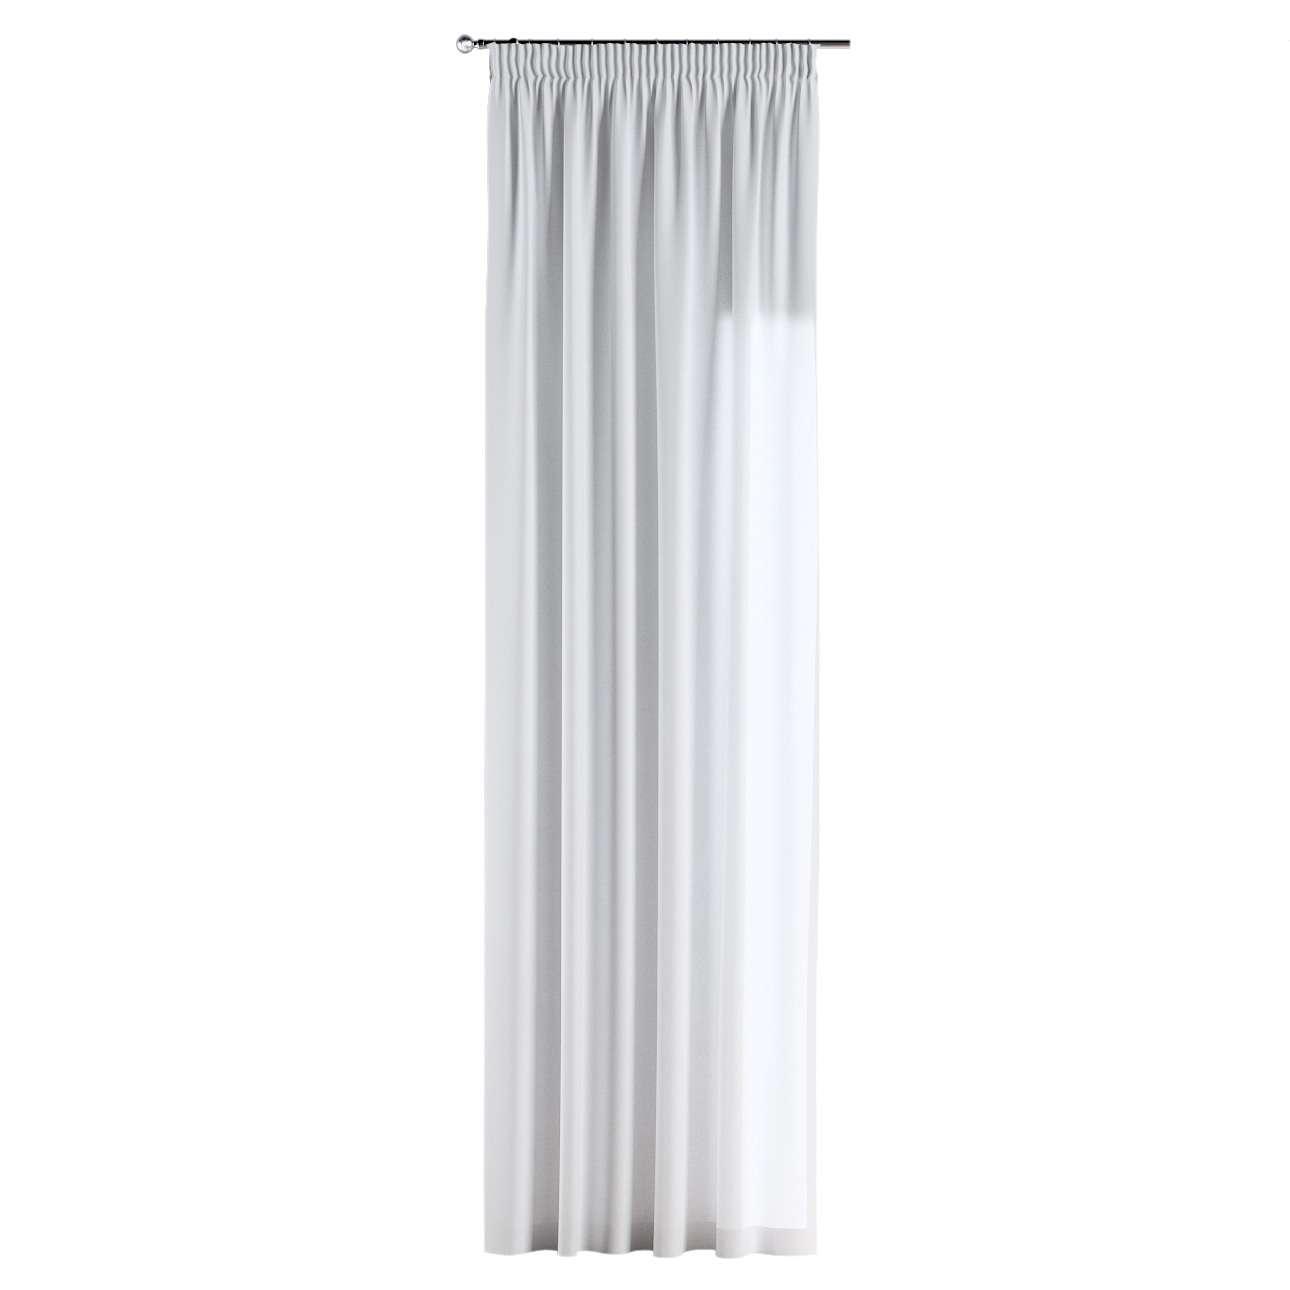 Vorhang mit Kräuselband 1 Stck. 130 x 260 cm von der Kollektion Loneta, Stoff: 133-02